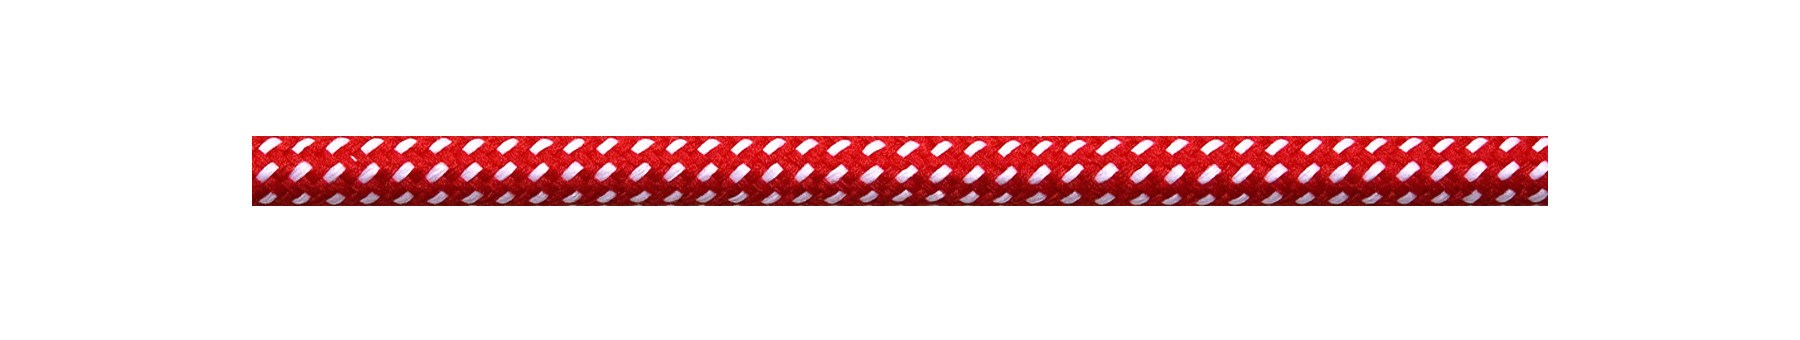 Textilkabel Rot-Weiß Gepunktet